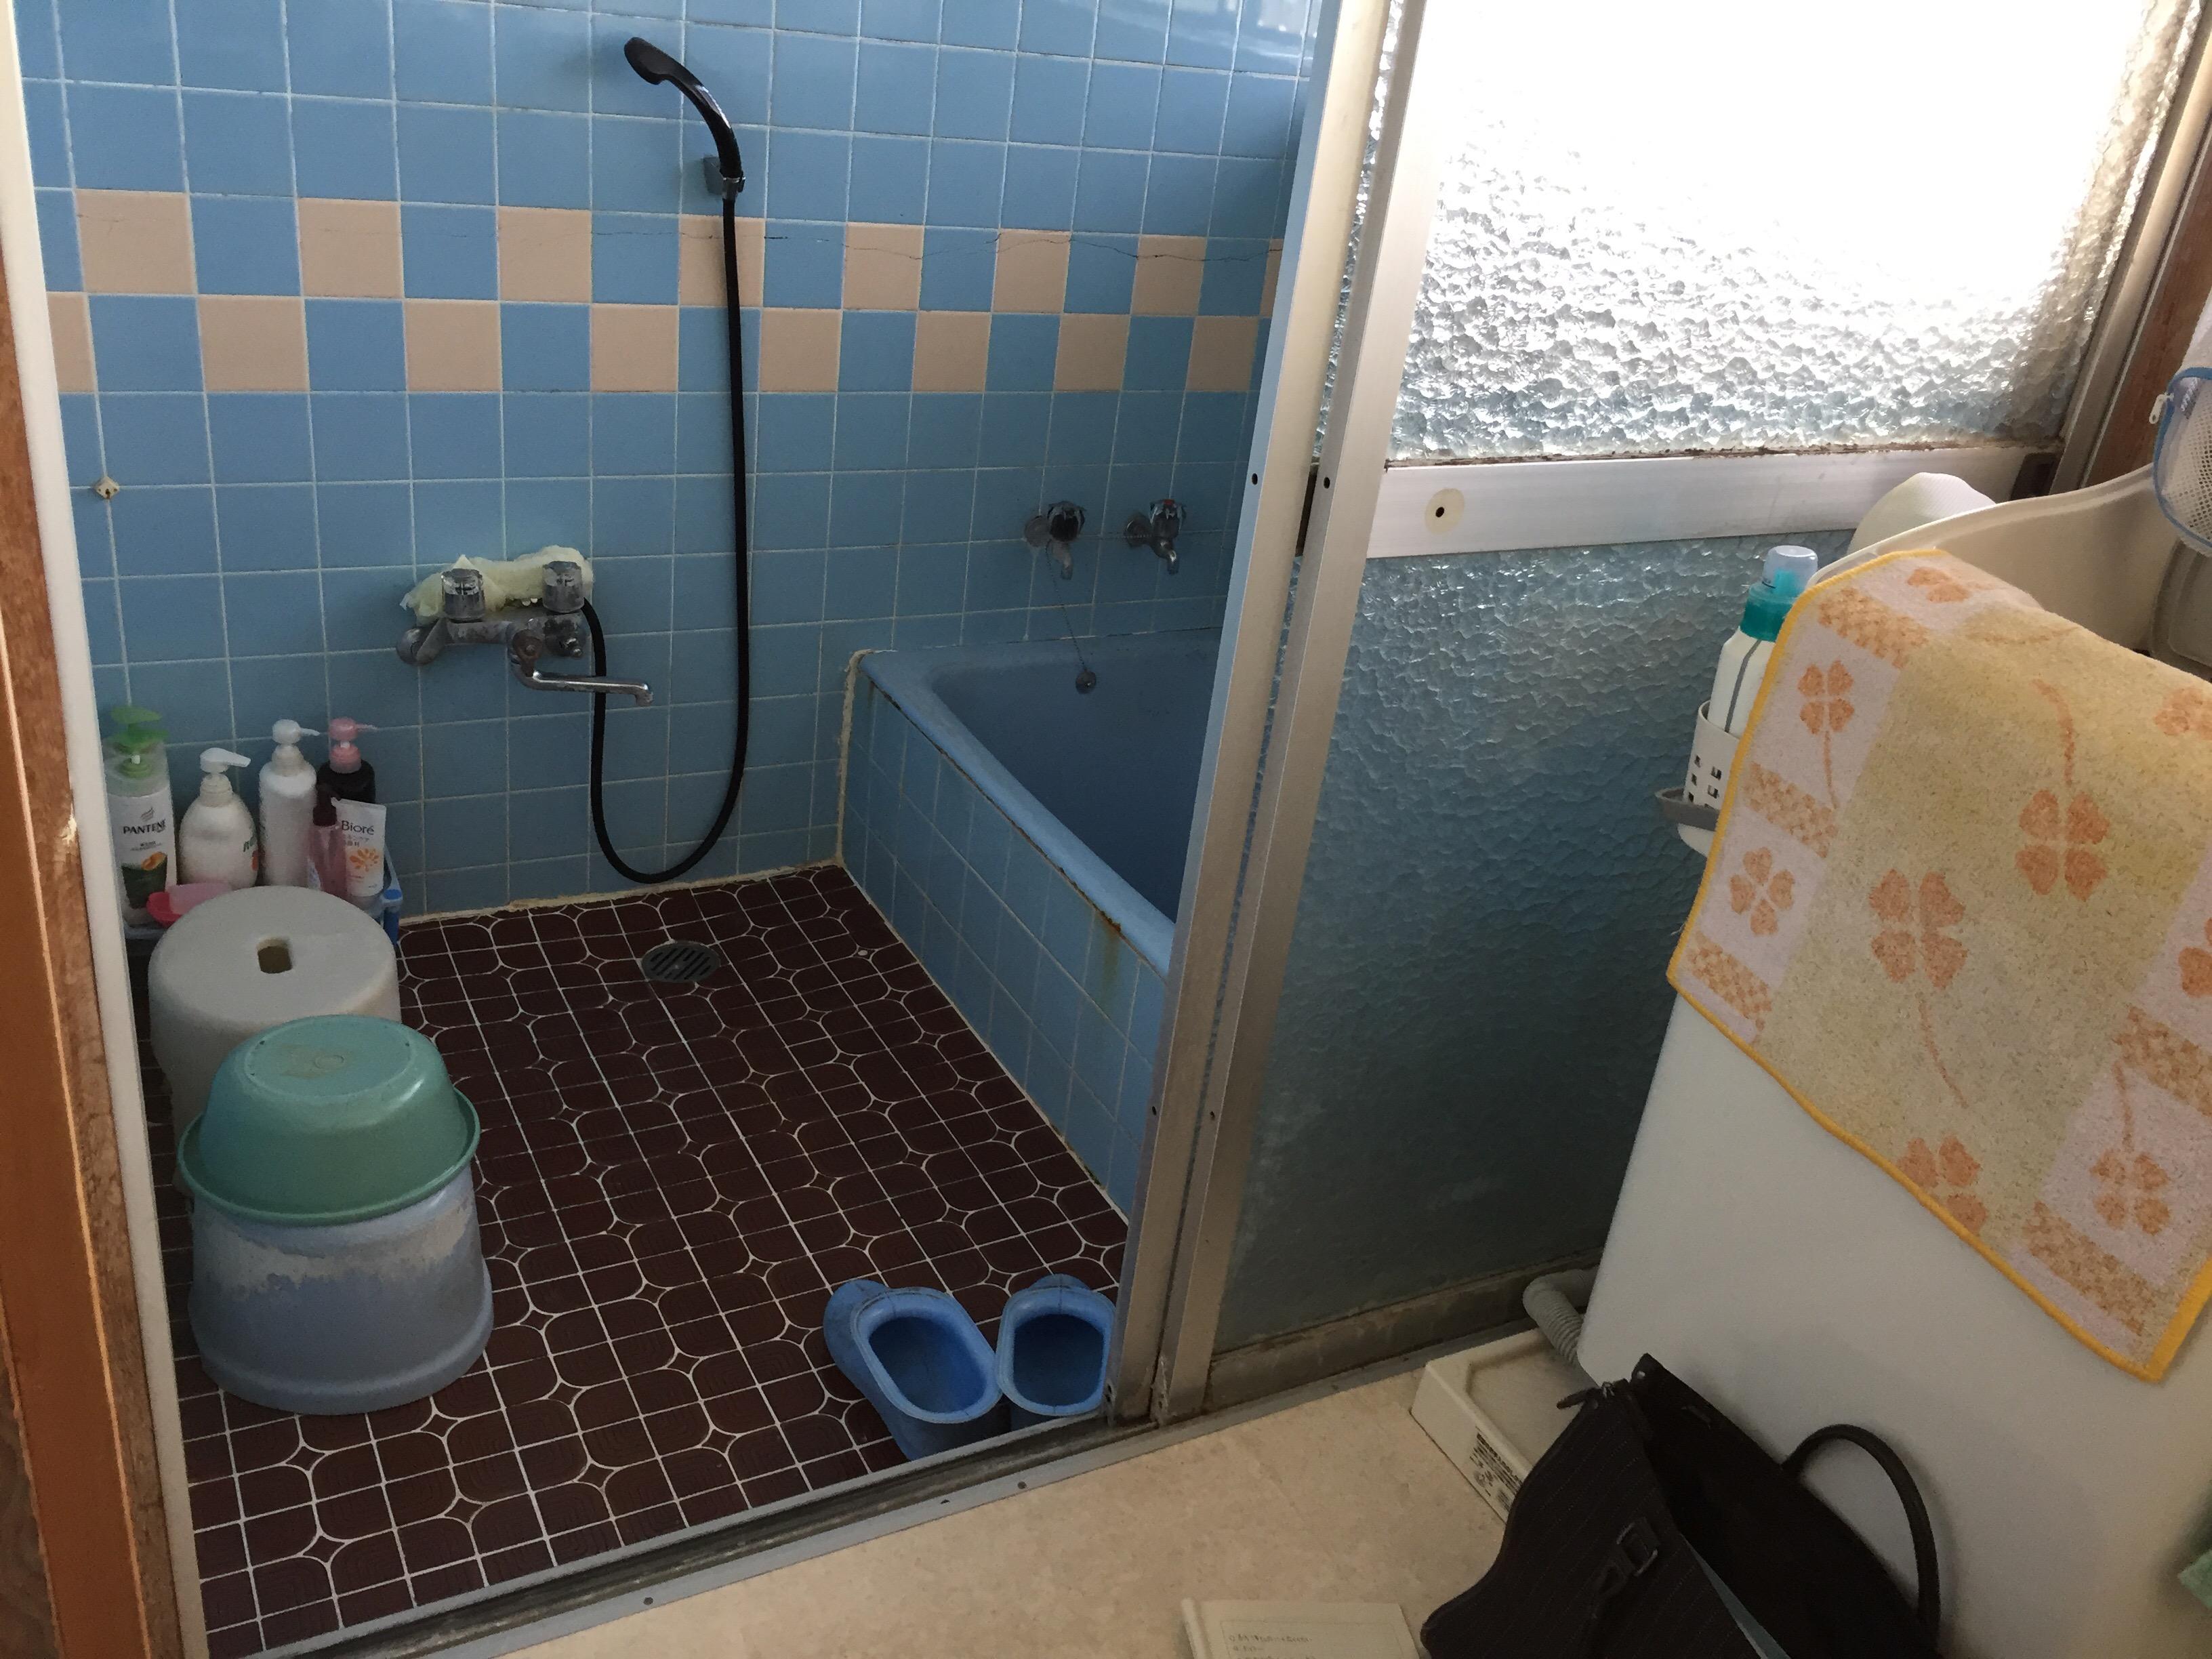 西条市 タイル貼り浴室からユニットバスへリフォーム 施工前入口